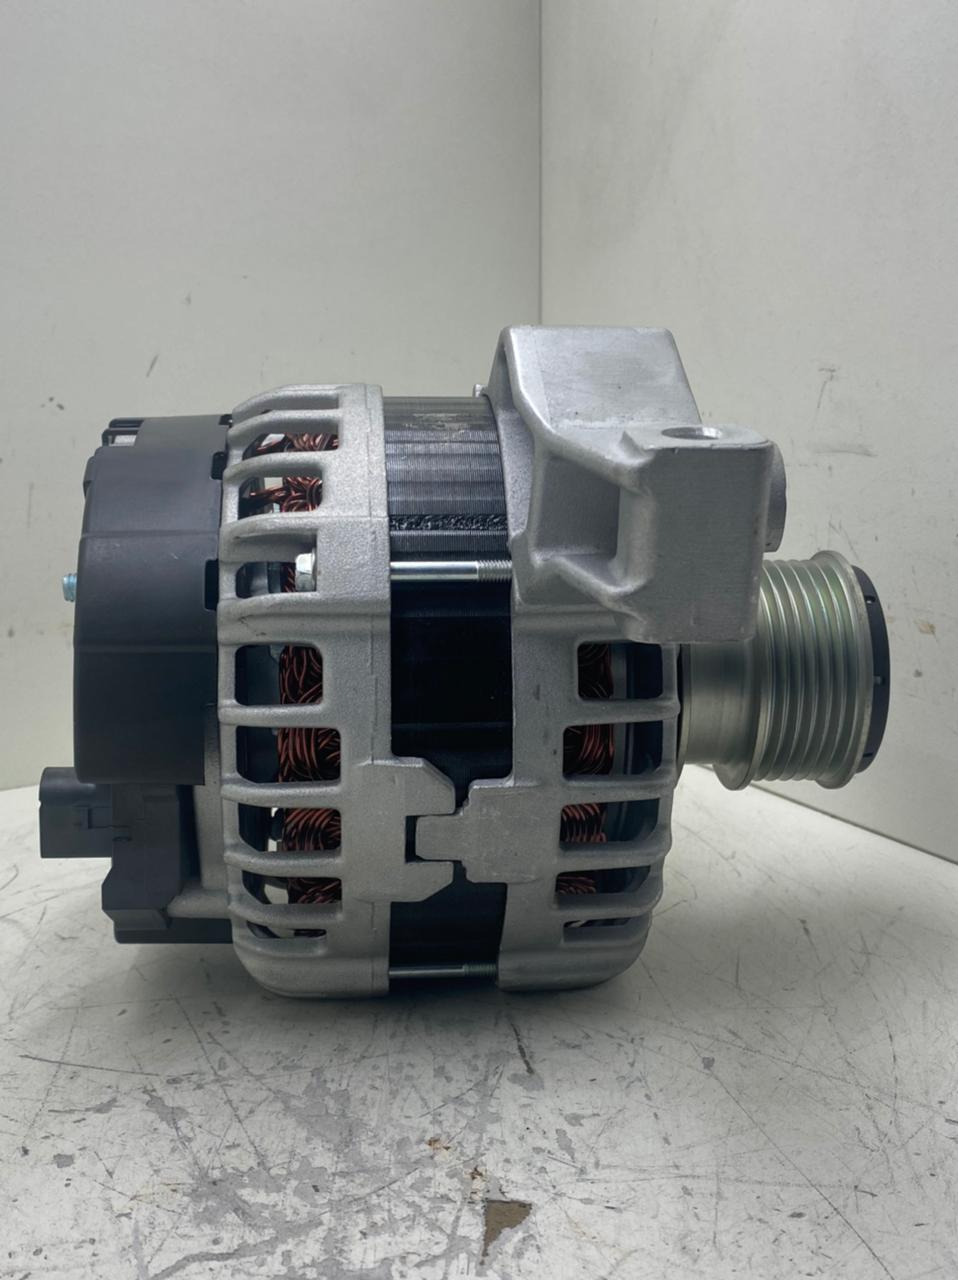 Alternador Land Rover Evoque Turbo Jaguar Bosch 14V 180AMP LR028121 0125811006 0125811034 BJ3210300CB BJ3210300CA D 10247  AEC21084